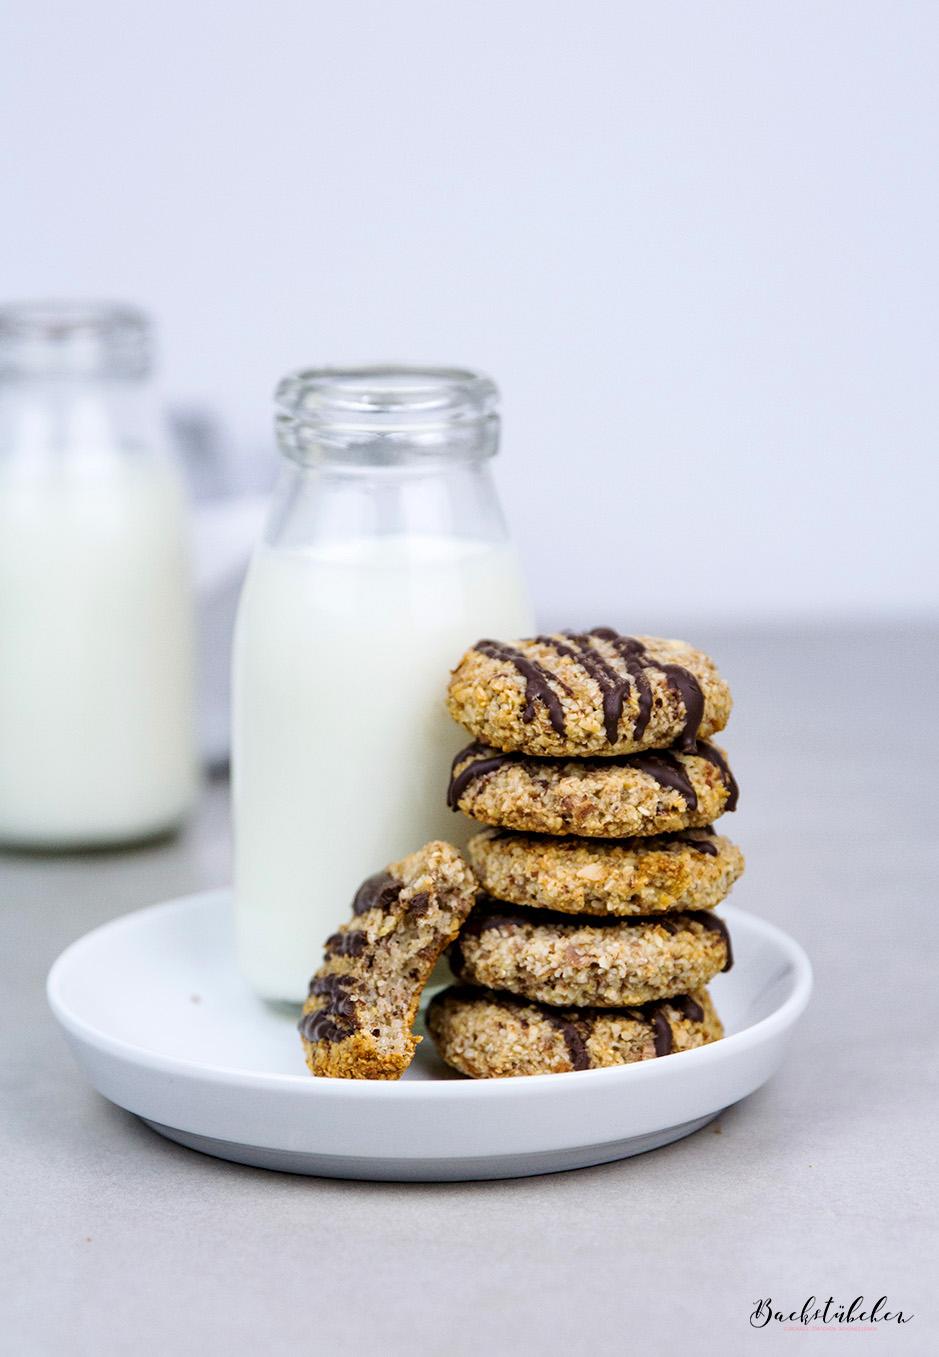 bananen cookies4.jpg